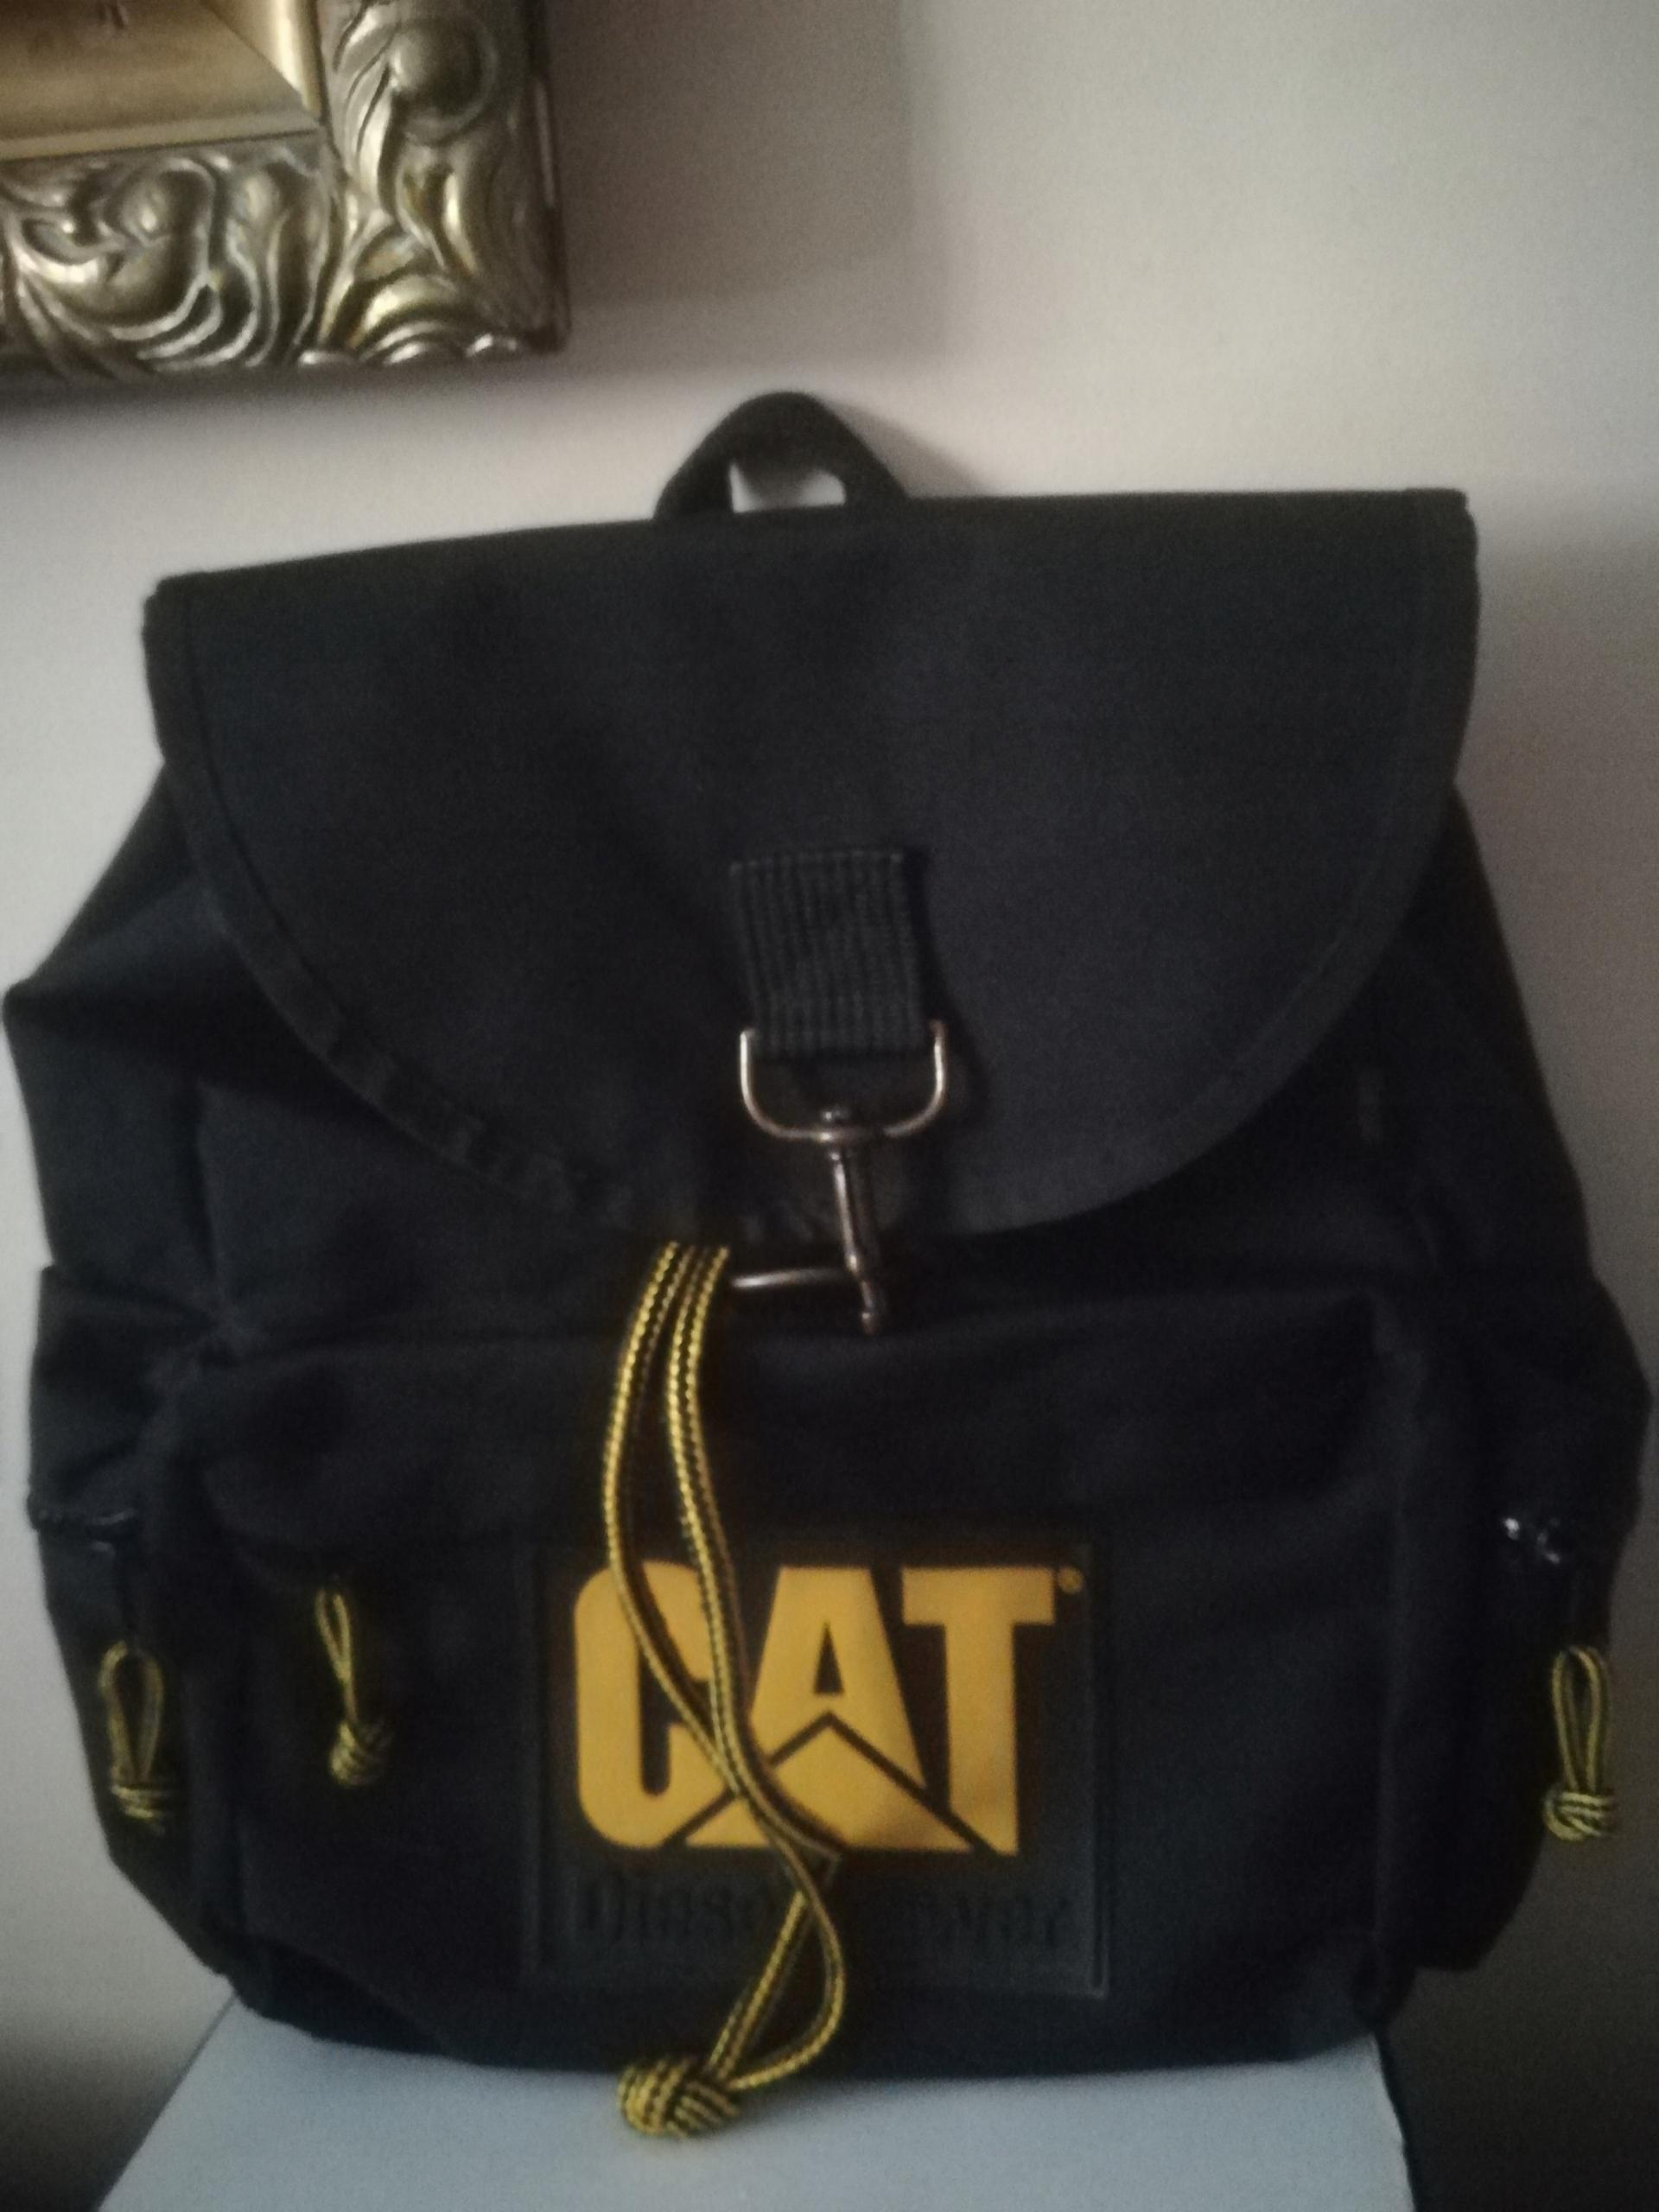 CAT CATERPILLAR PLECAK